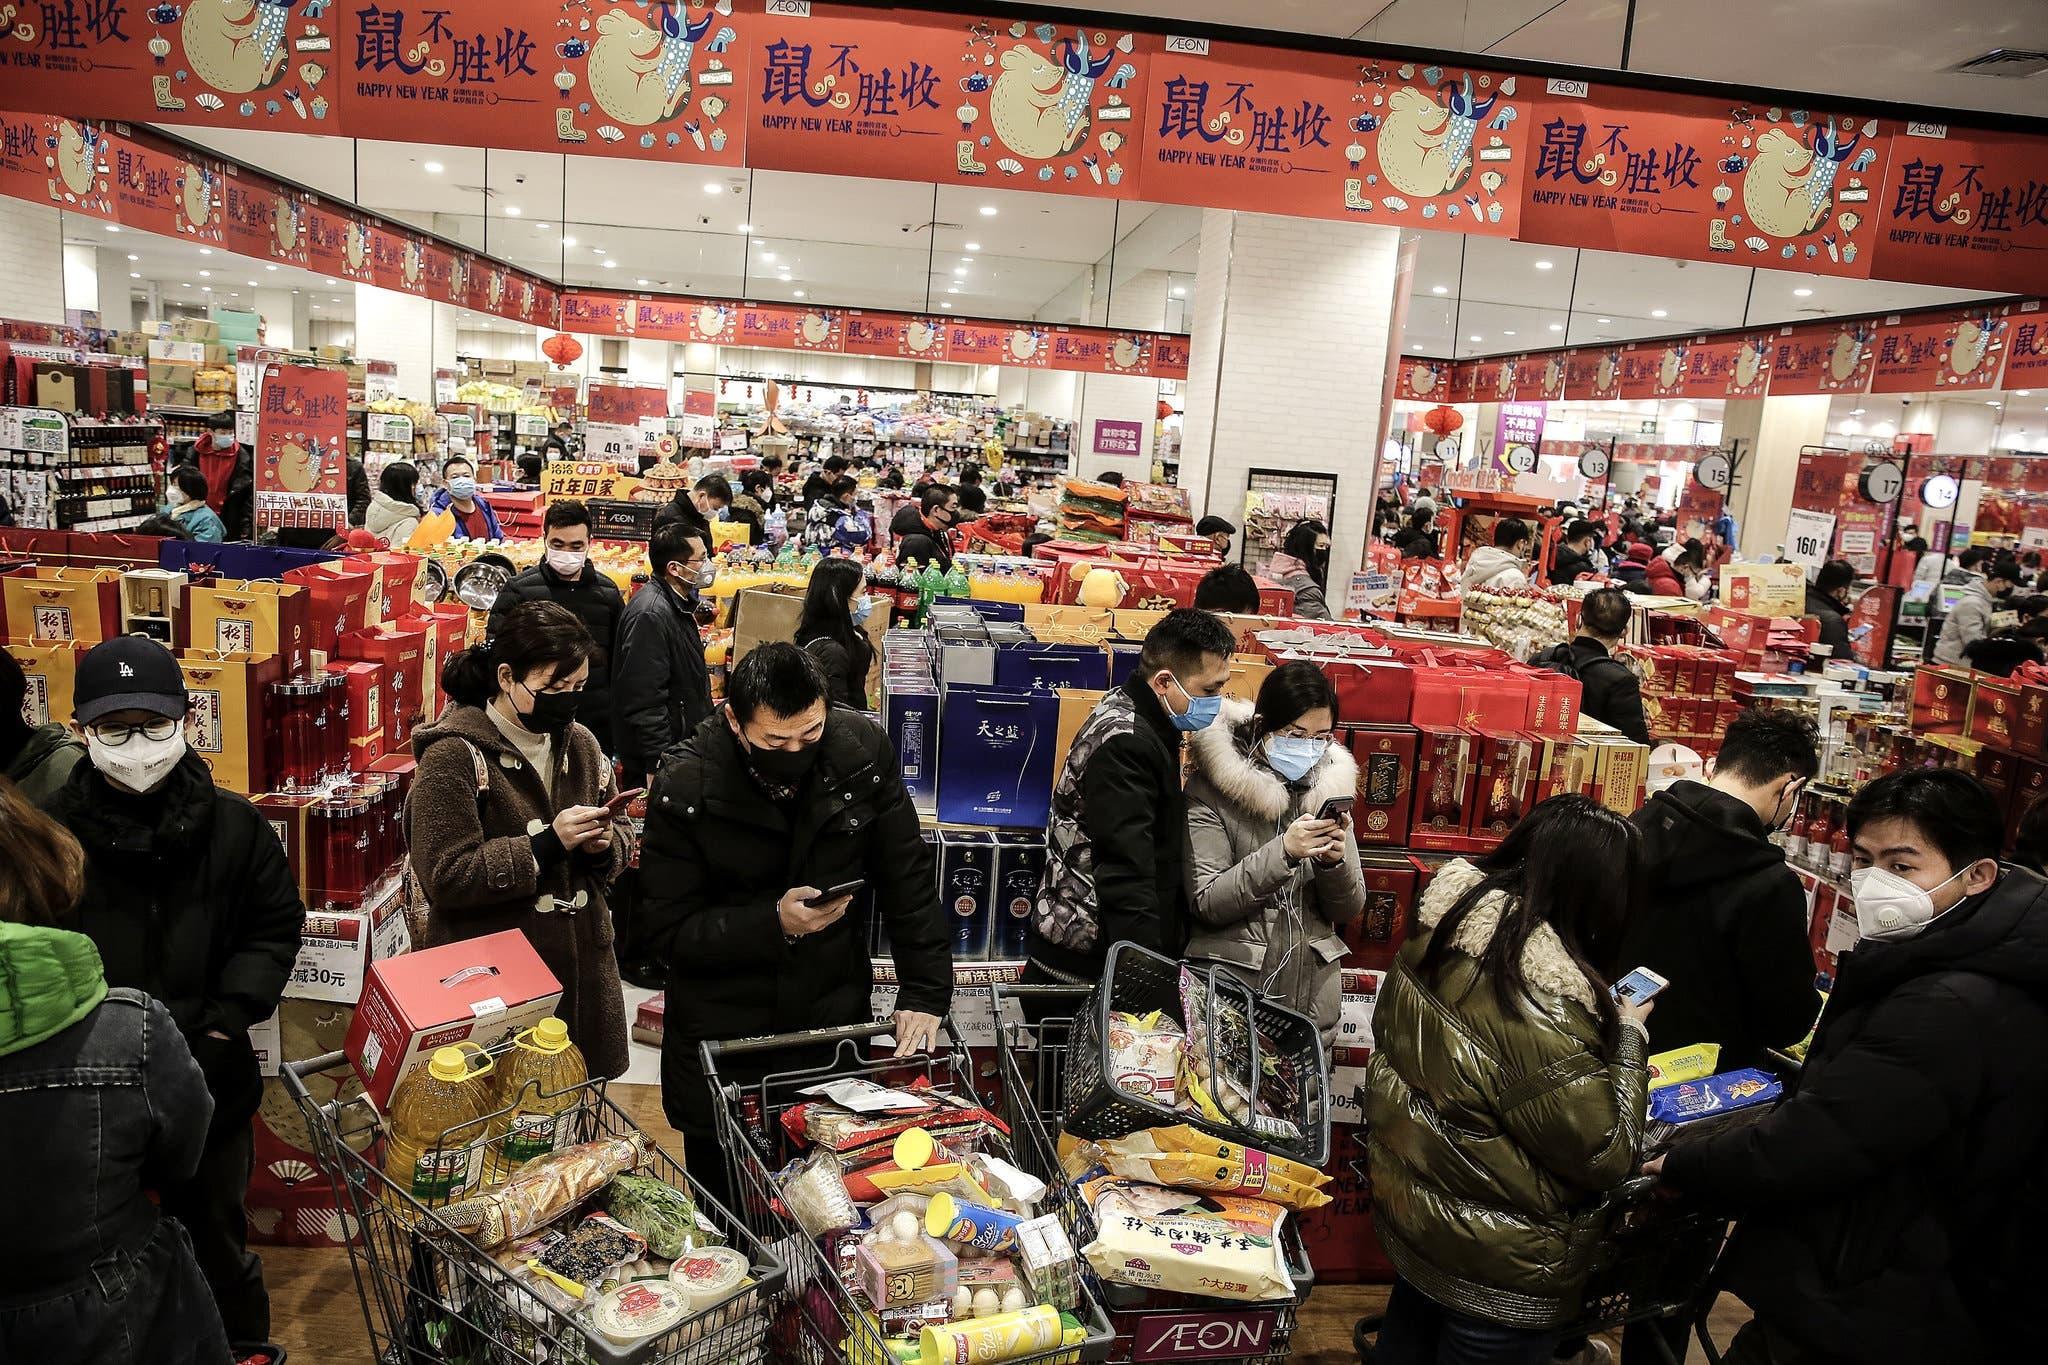 متجر في مدينة ووهان الصينية